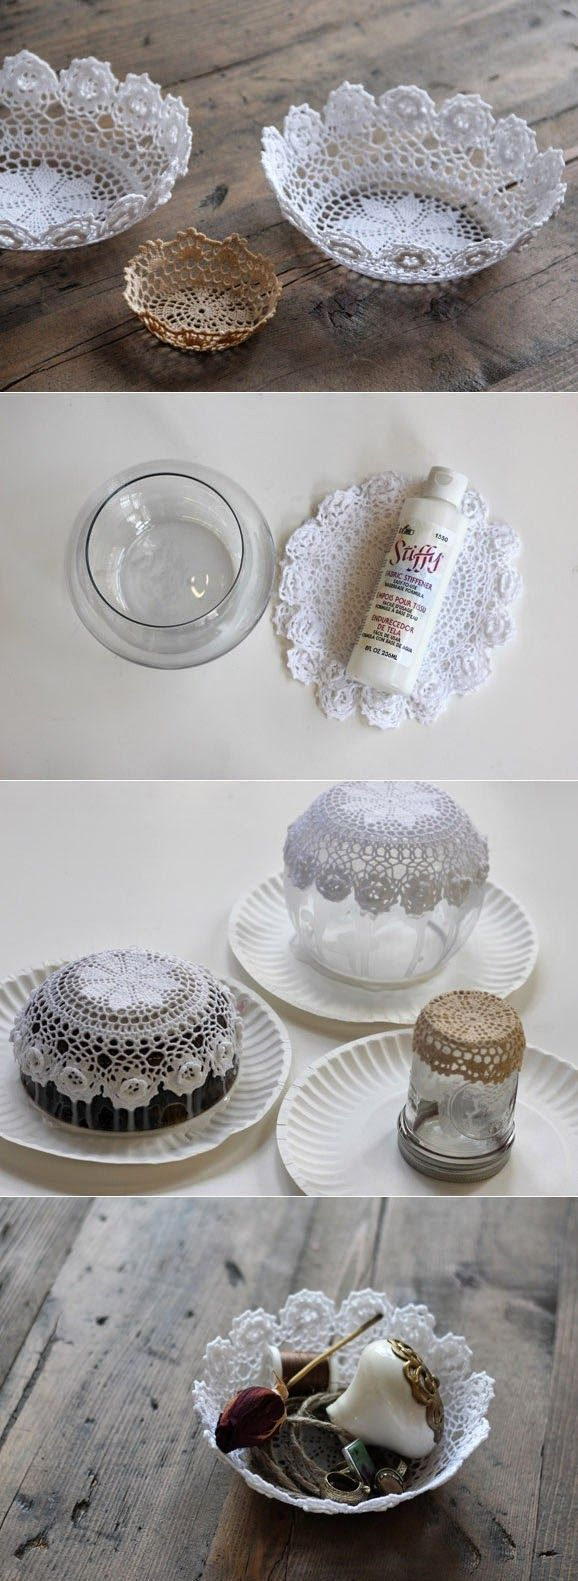 Artesanato na Pratica: Aprenda a fazer recipientes de crochê engomados